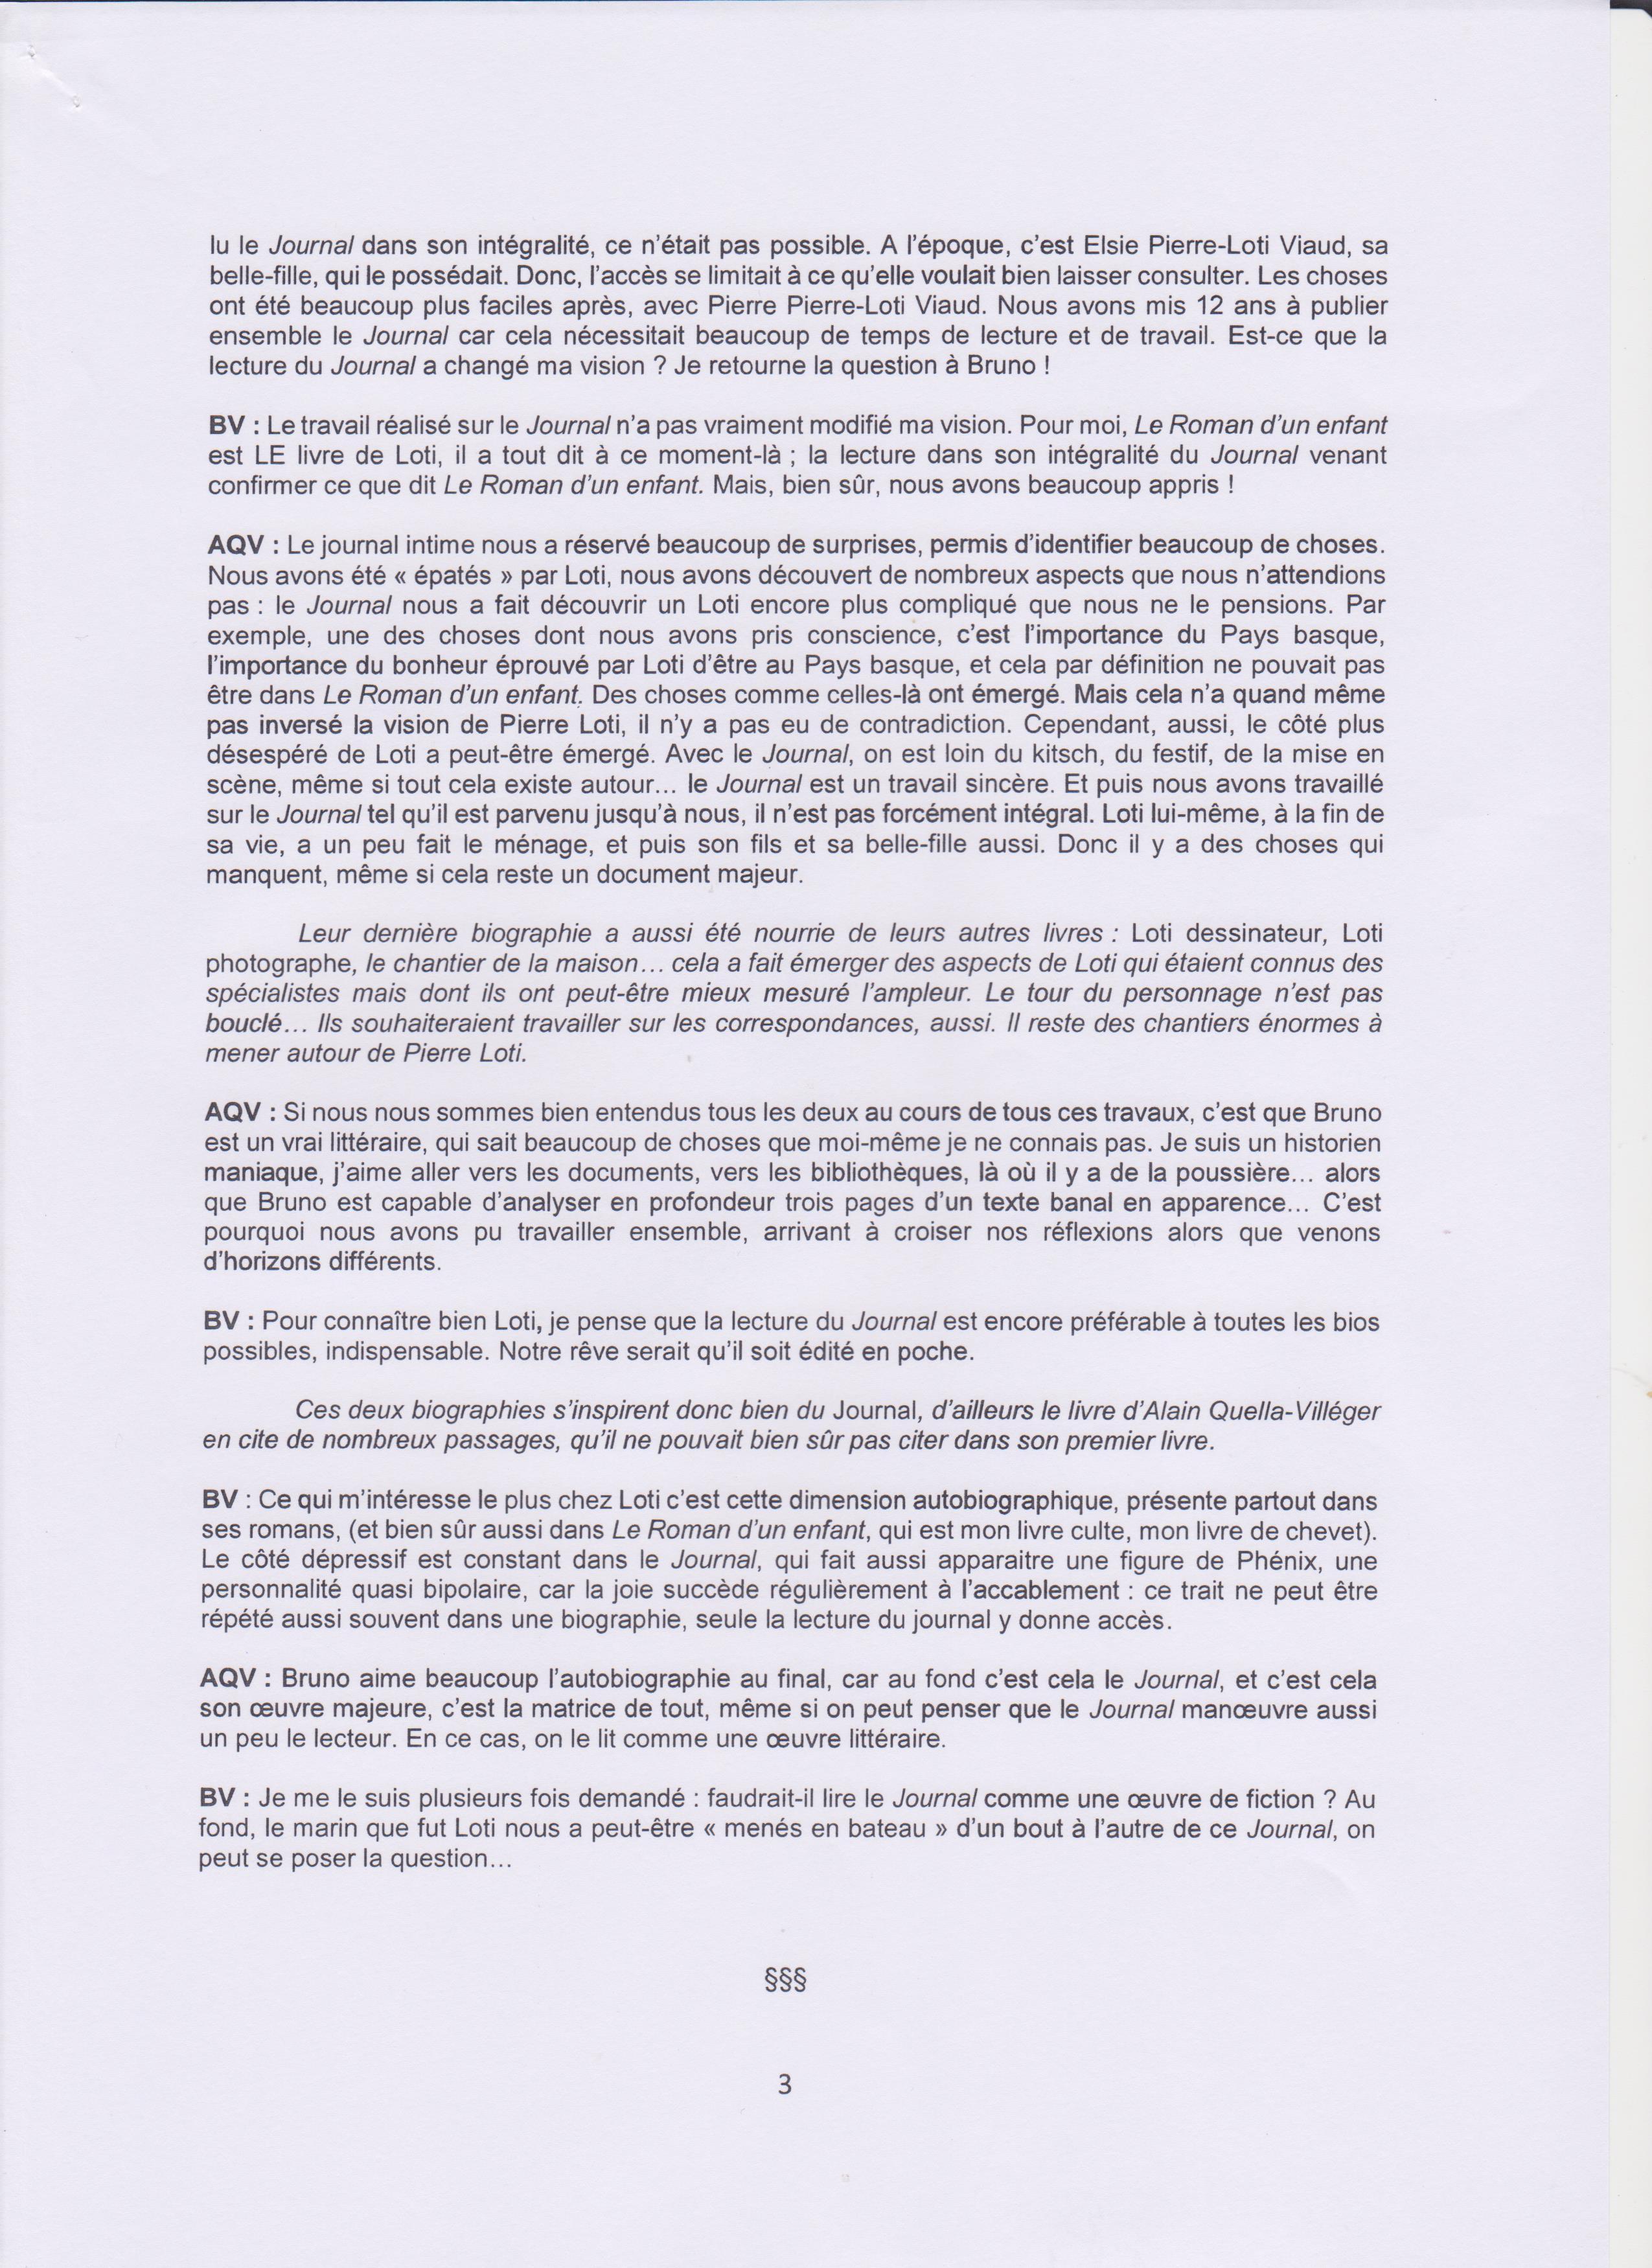 échanges AQV et BV-page 3